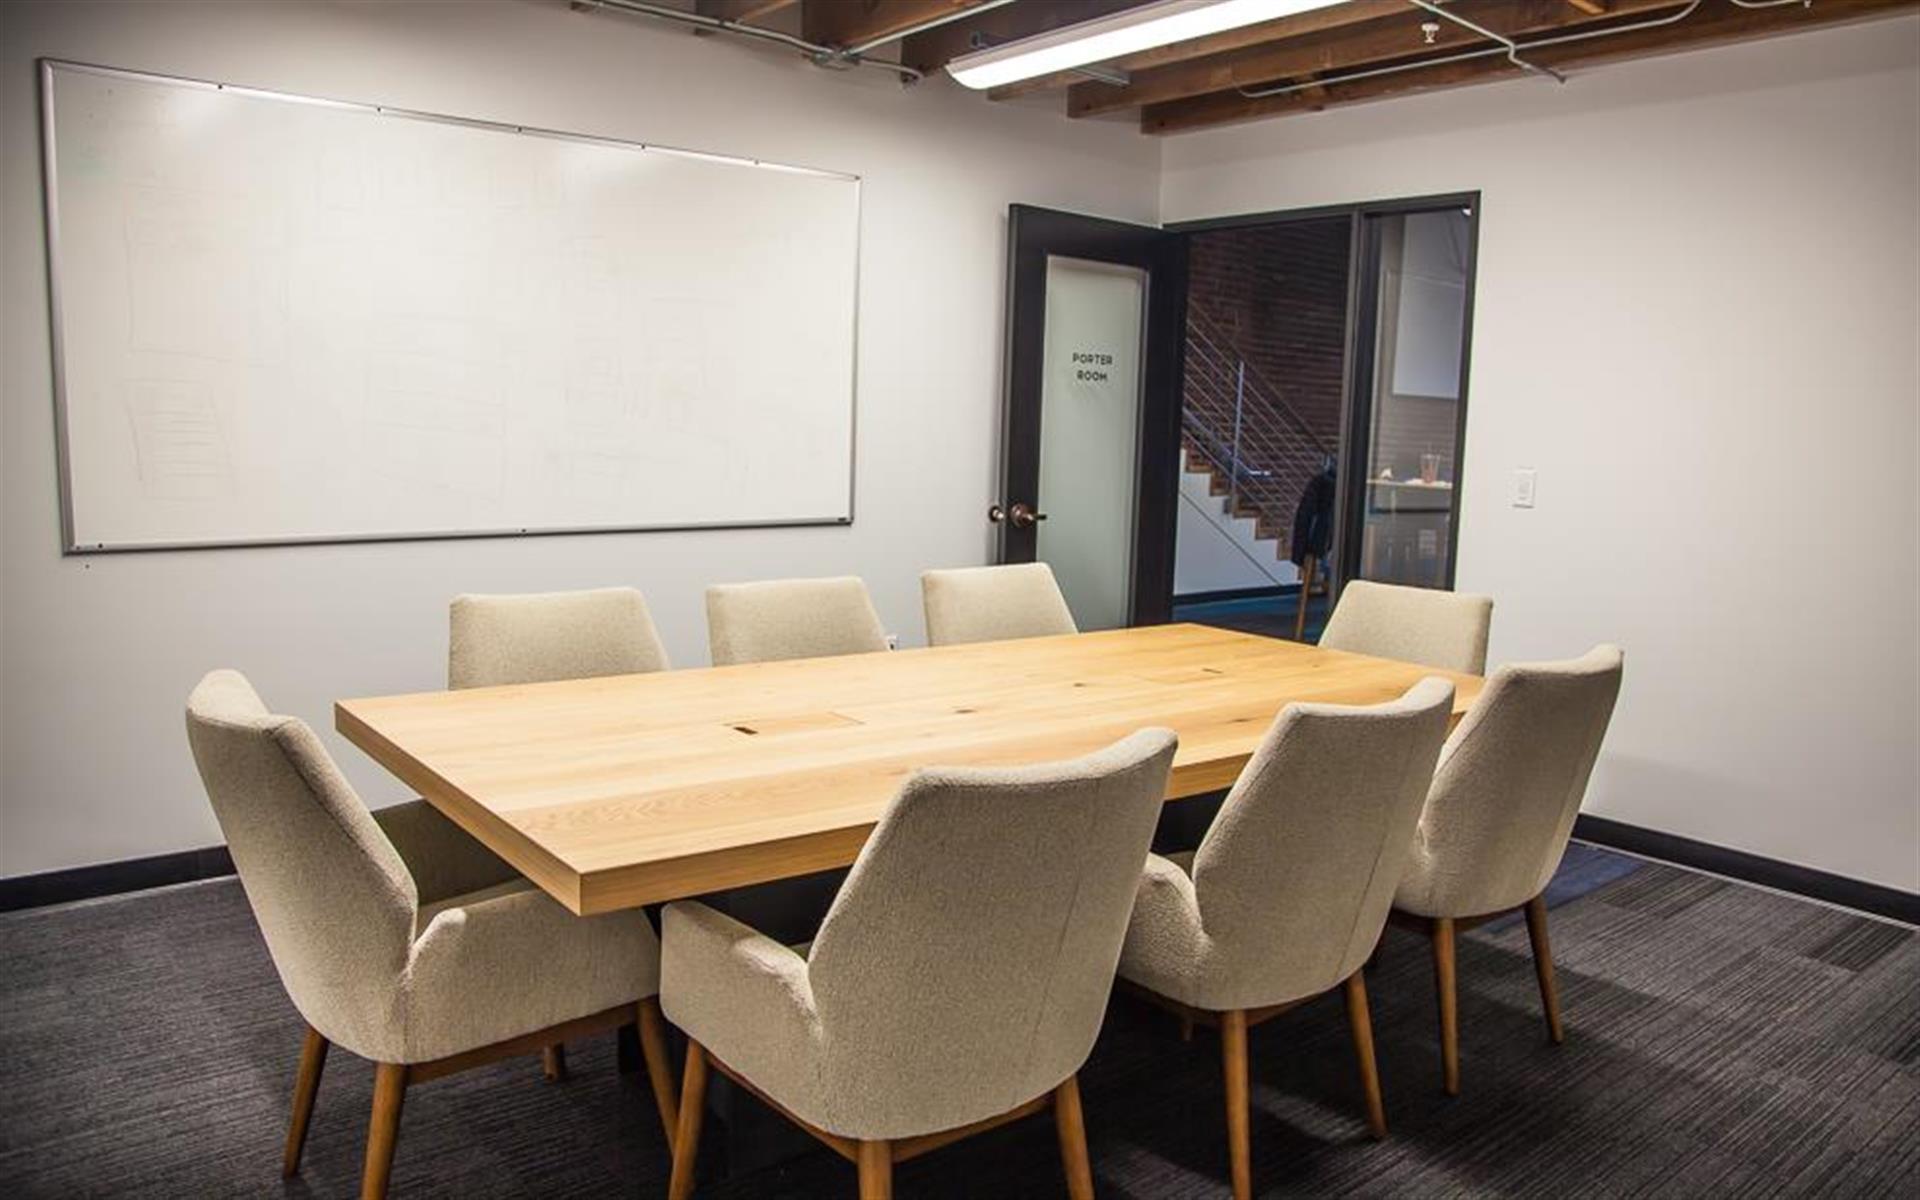 Covo SF - Porter Room